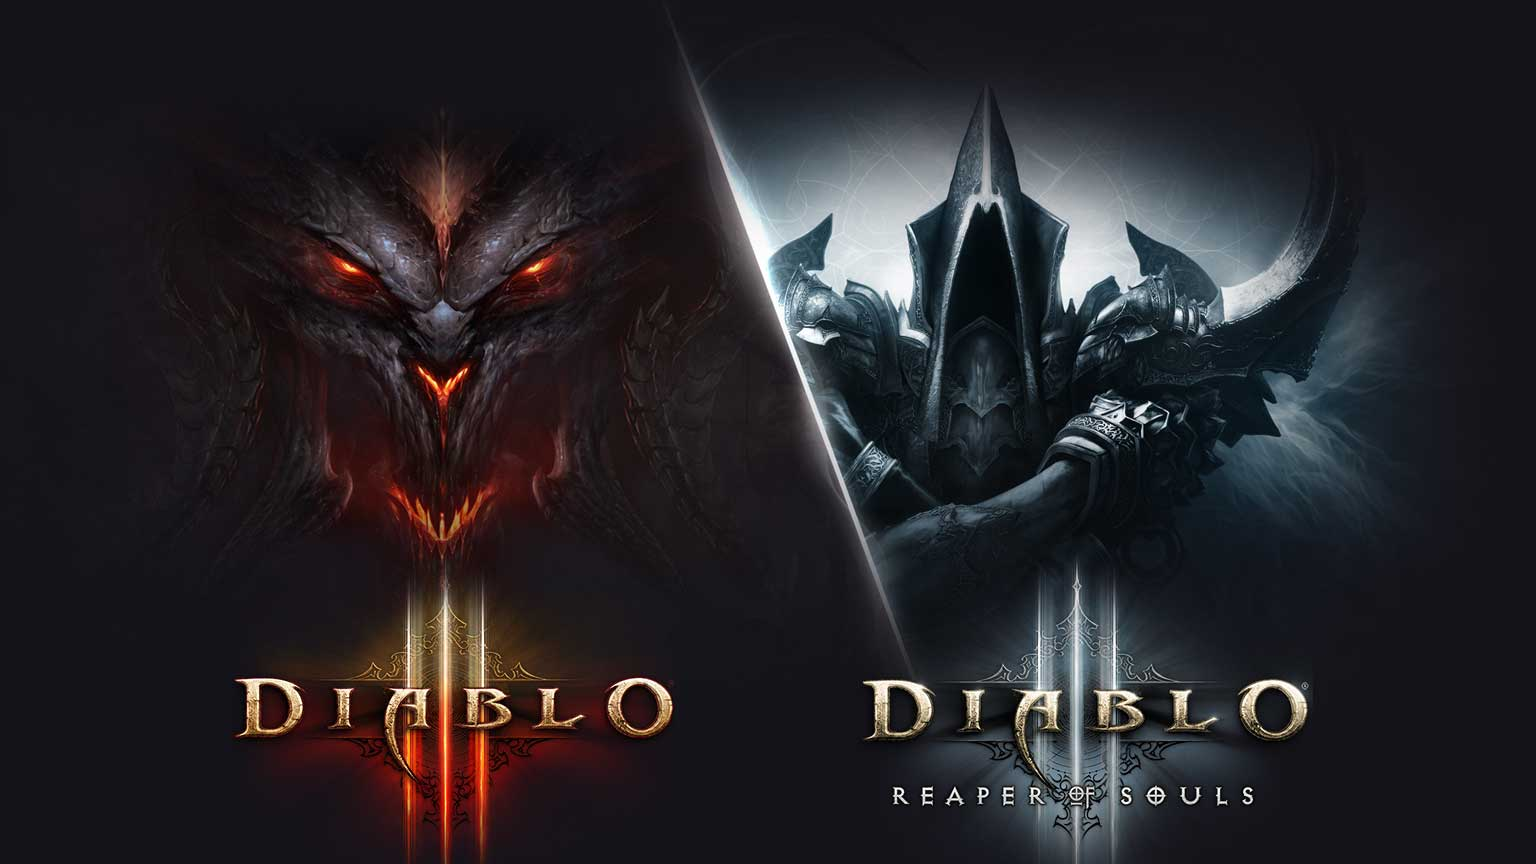 До 24 июня игры и комплекты Diablo III можно будет купить со скидкой